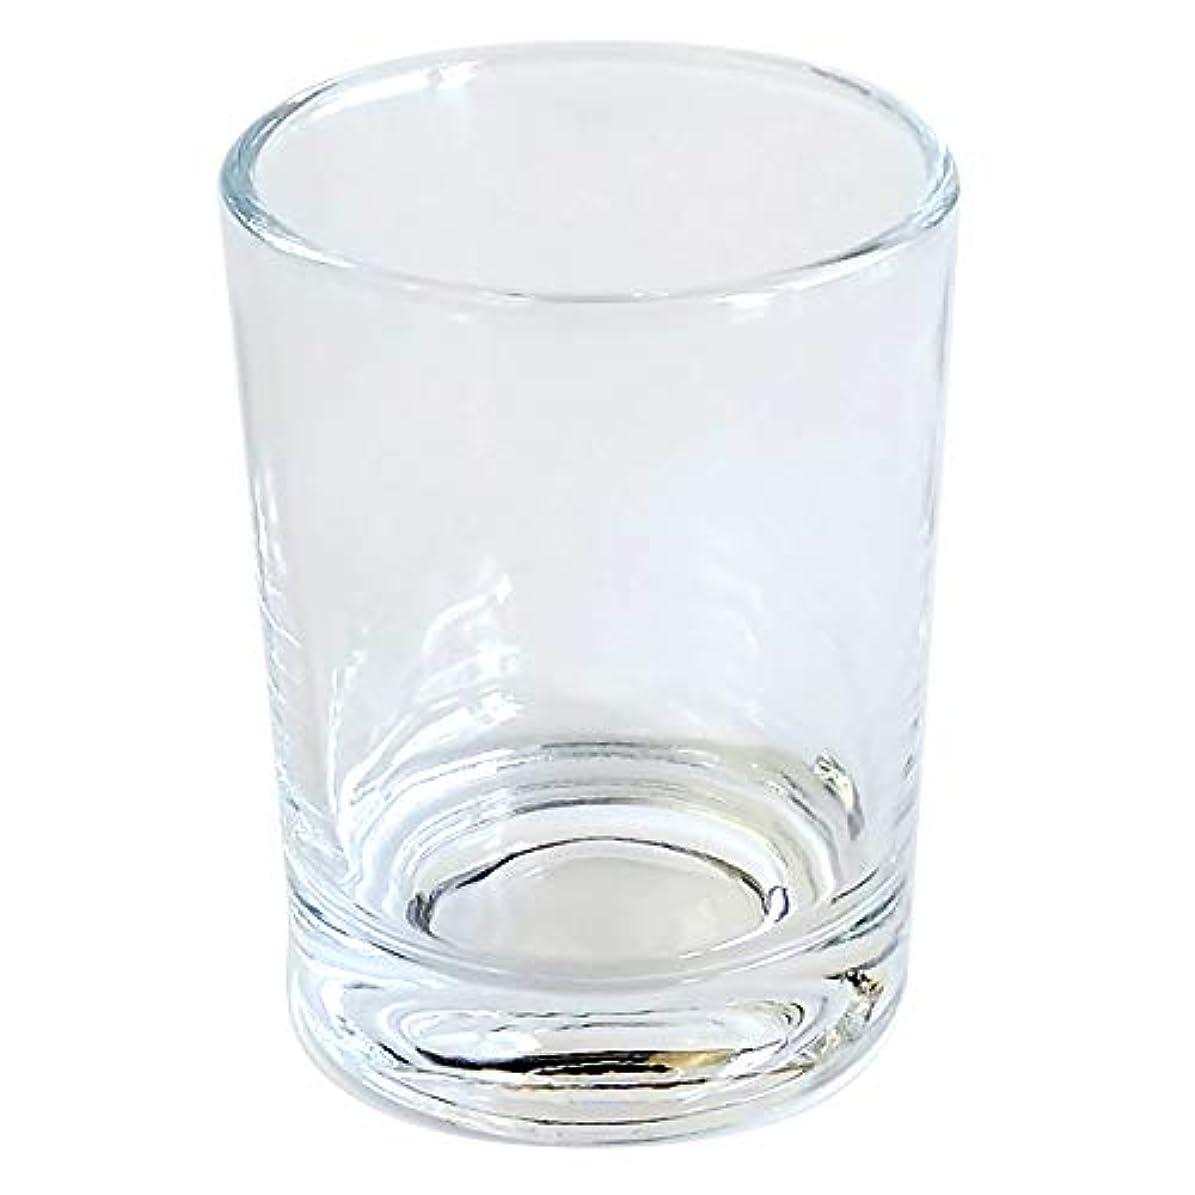 めまい蓋文芸キャンドルホルダー ガラス シンプル[大] 105個【キャンドルスタンド ろうそく立て 燭台 おしゃれ】